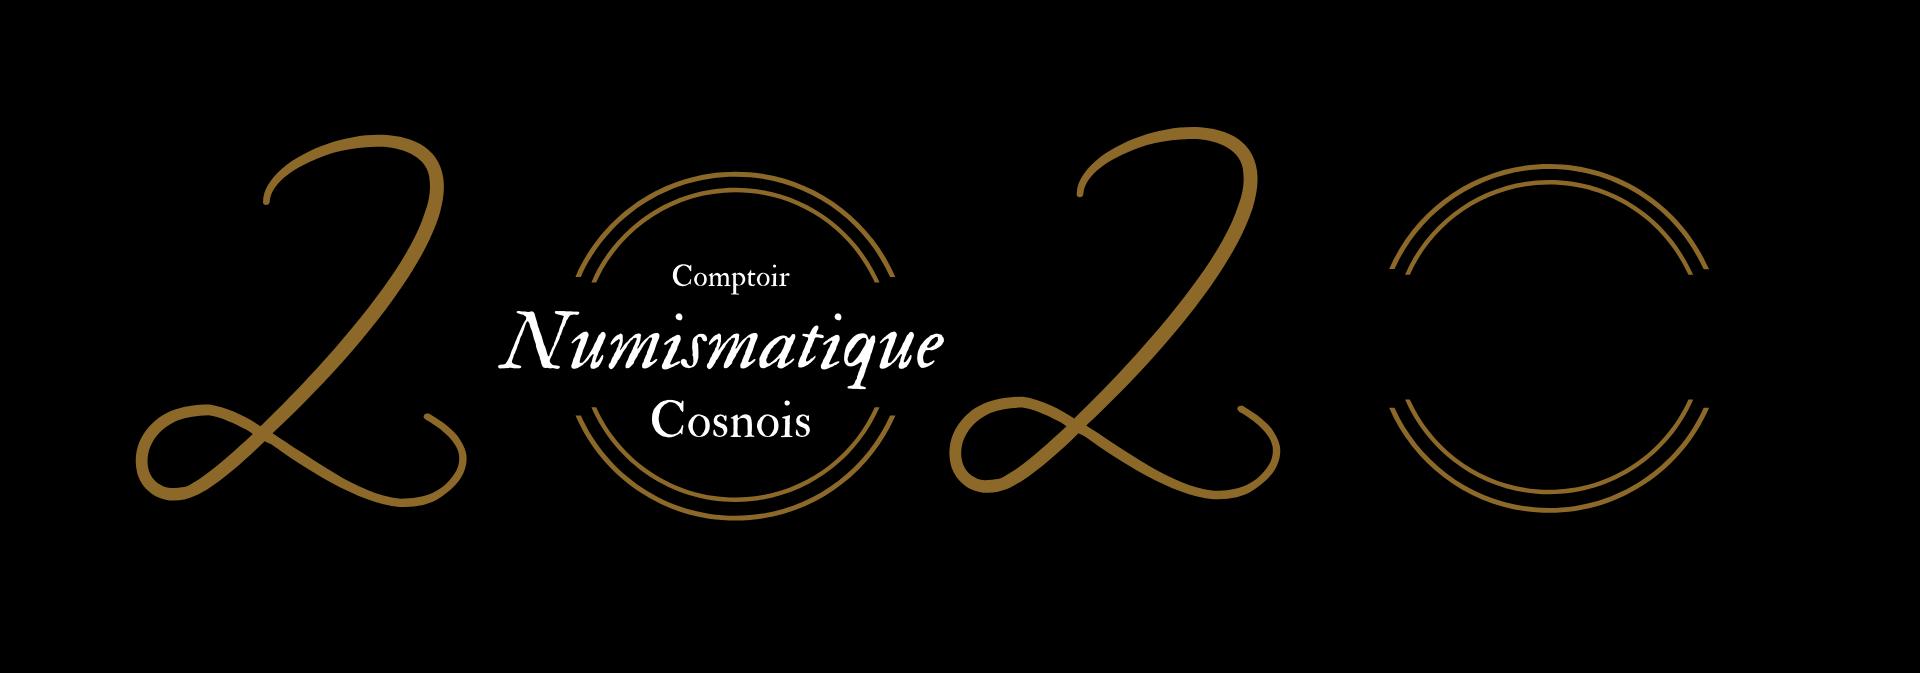 Comptoir Numismatique Cosnois